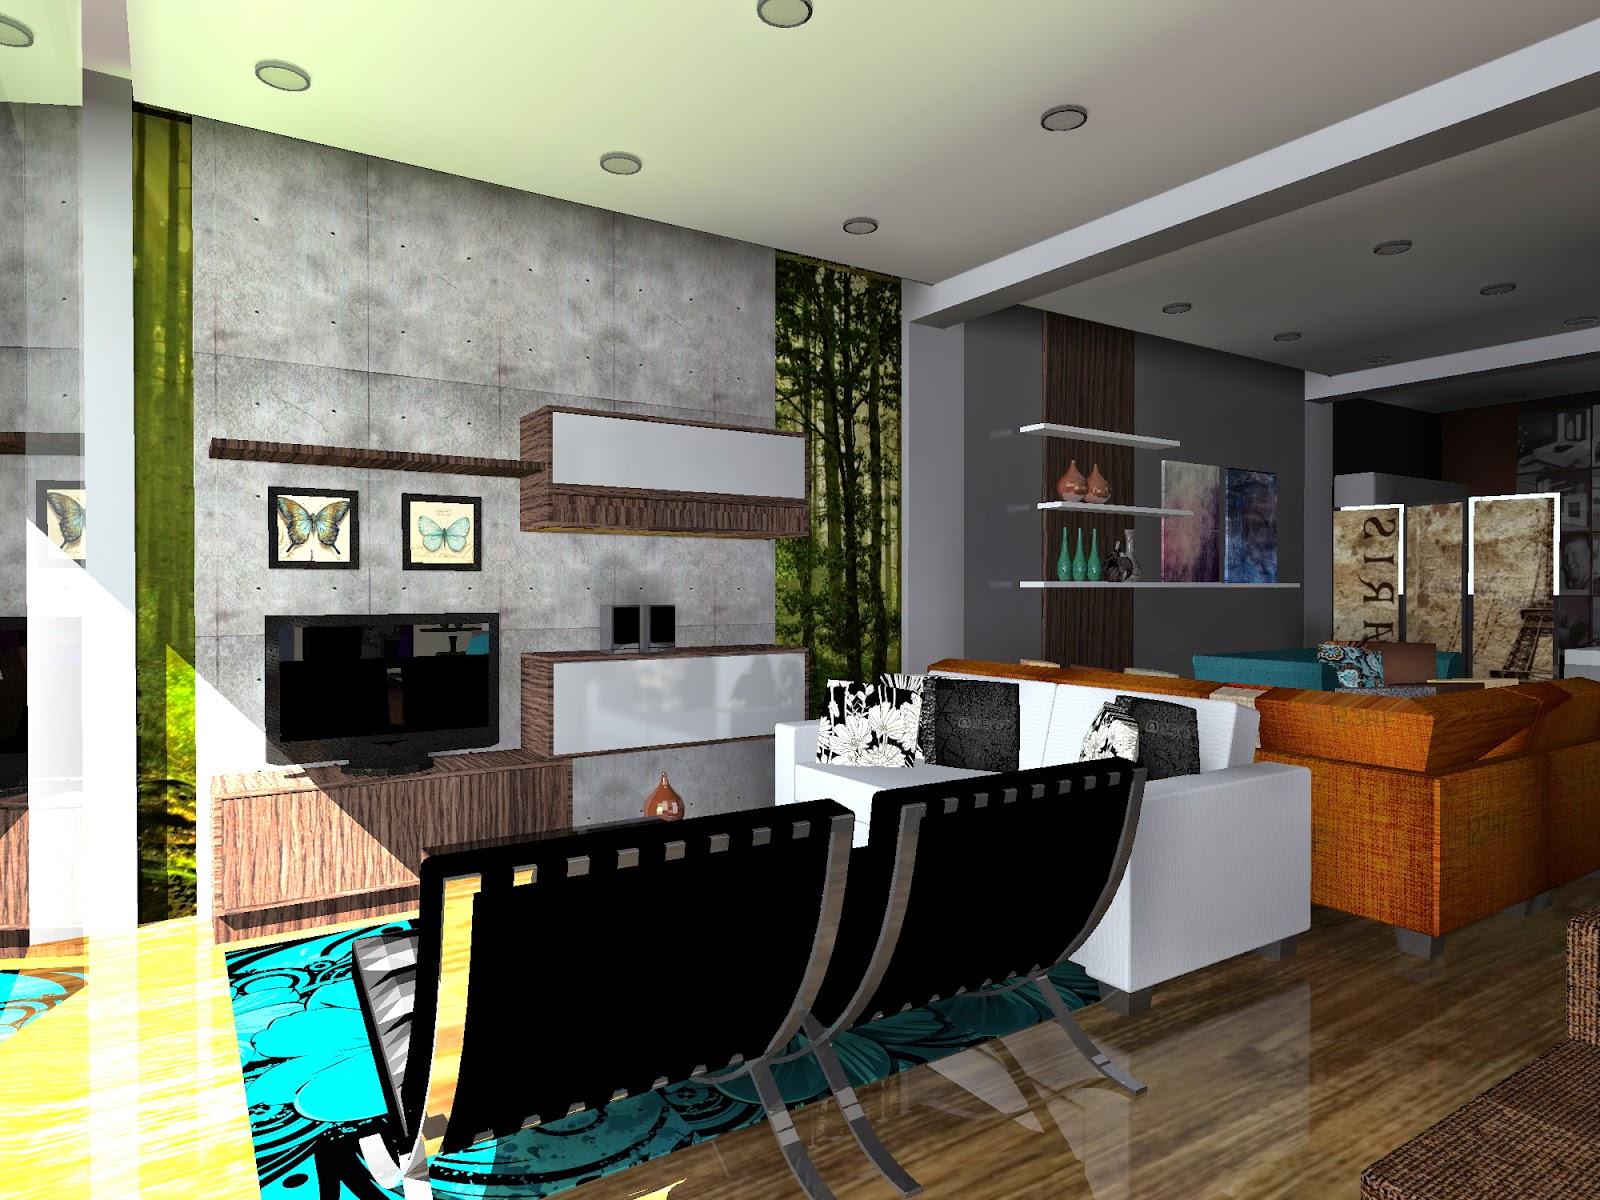 Muebles En Yecla Tiendas Affordable Affordable Tienda Online De  # Muebles Yecla Eva